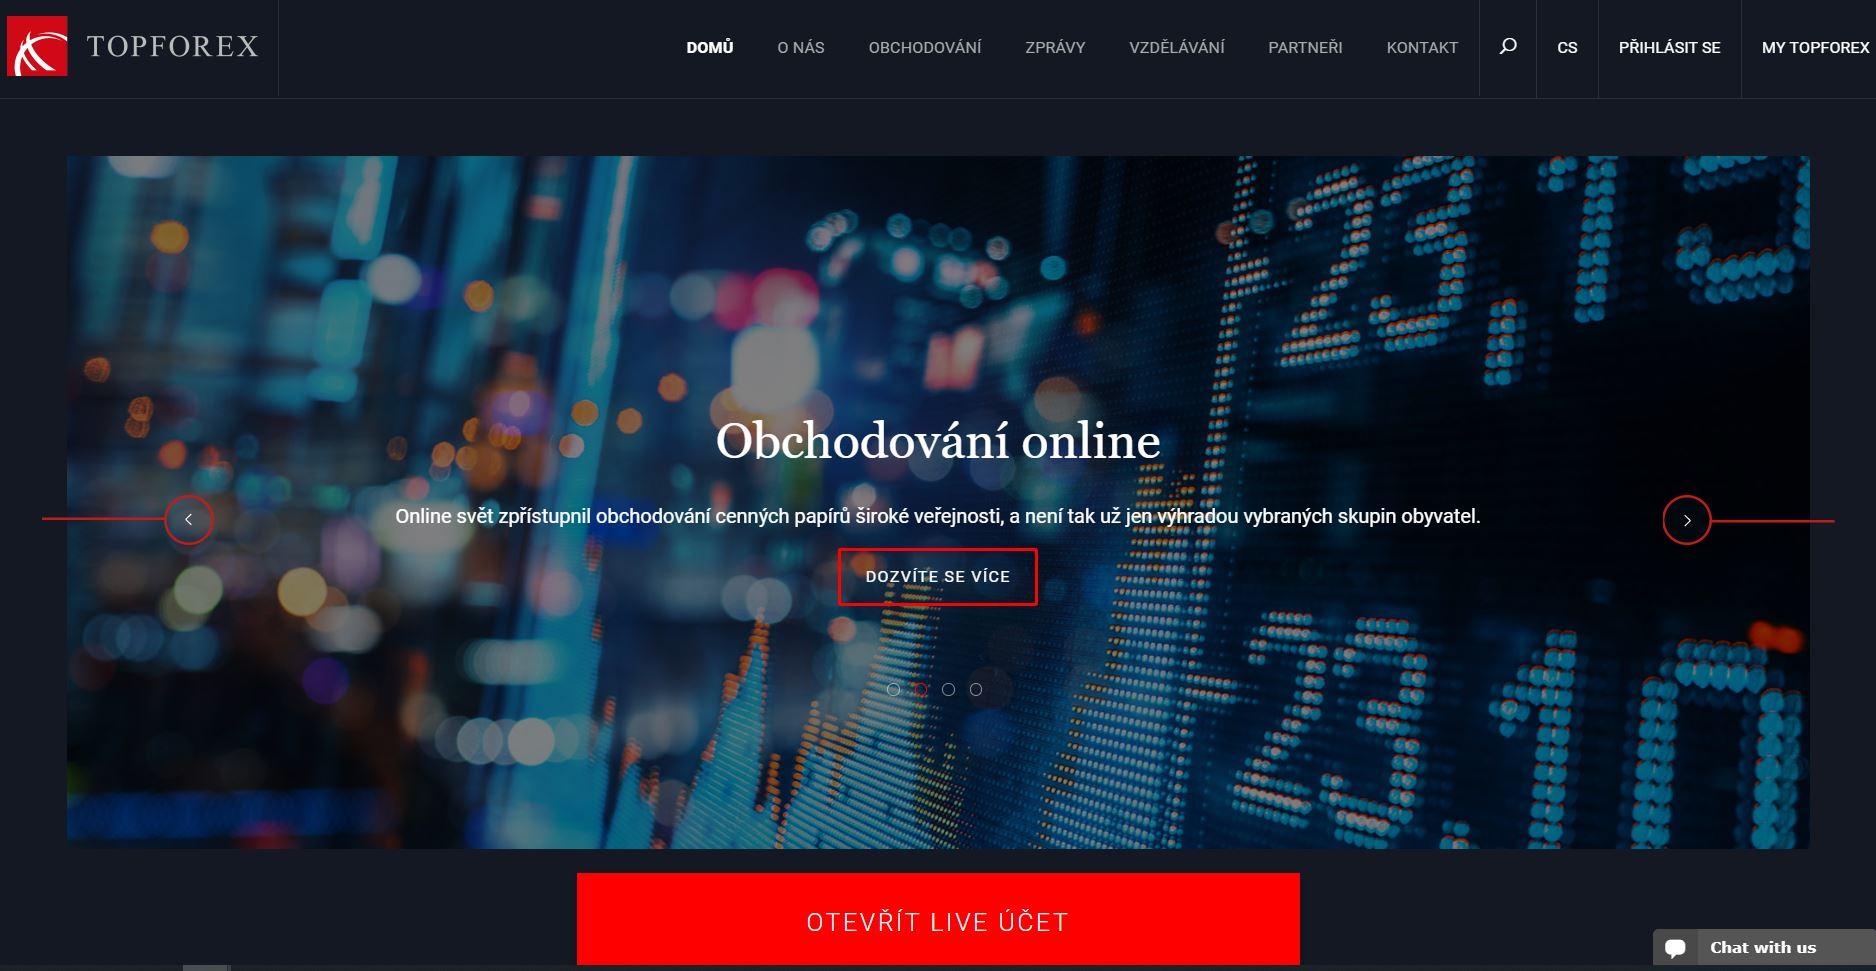 Webové stránky brokera brokera TopForex